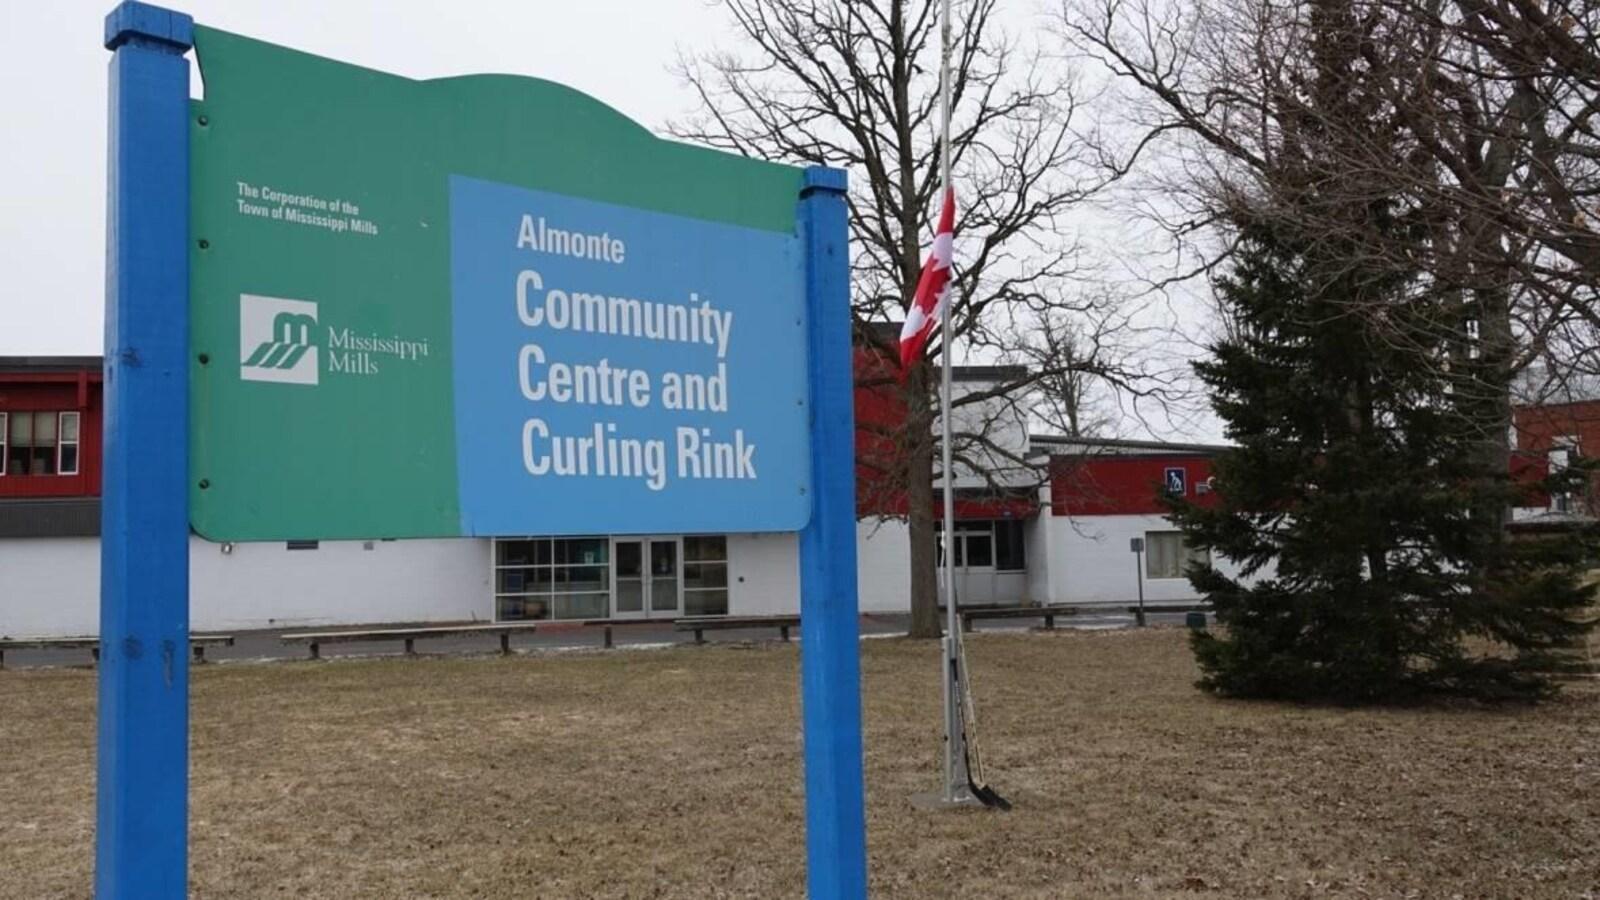 En avant-plan, un panneau sur lequel on peut lire « Almonte Community Centre and Curling Rink ». En arrière-plan, un drapeau canadien en berne avec deux bâtons de hockey.